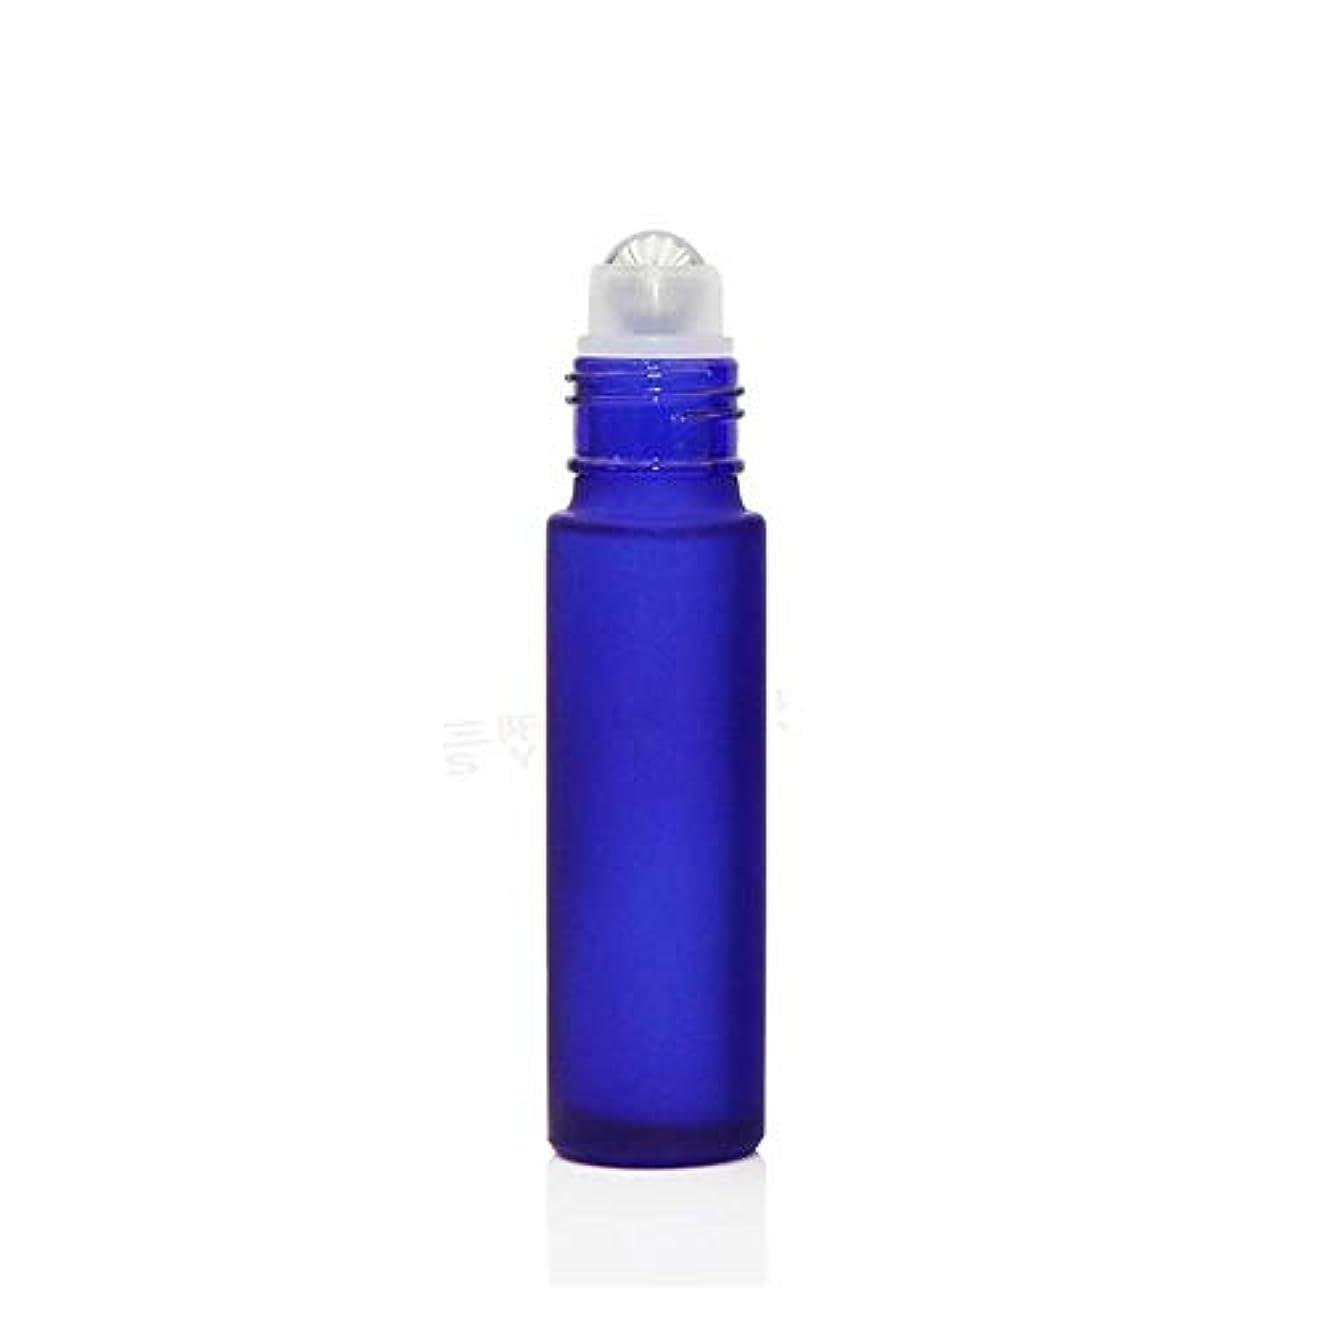 祖父母を訪問打ち上げる滑り台gundoop ロールオンボトル アロマオイル 精油 小分け用 遮光瓶 10ml 10本セット ガラスロールタイプ (ブルー)